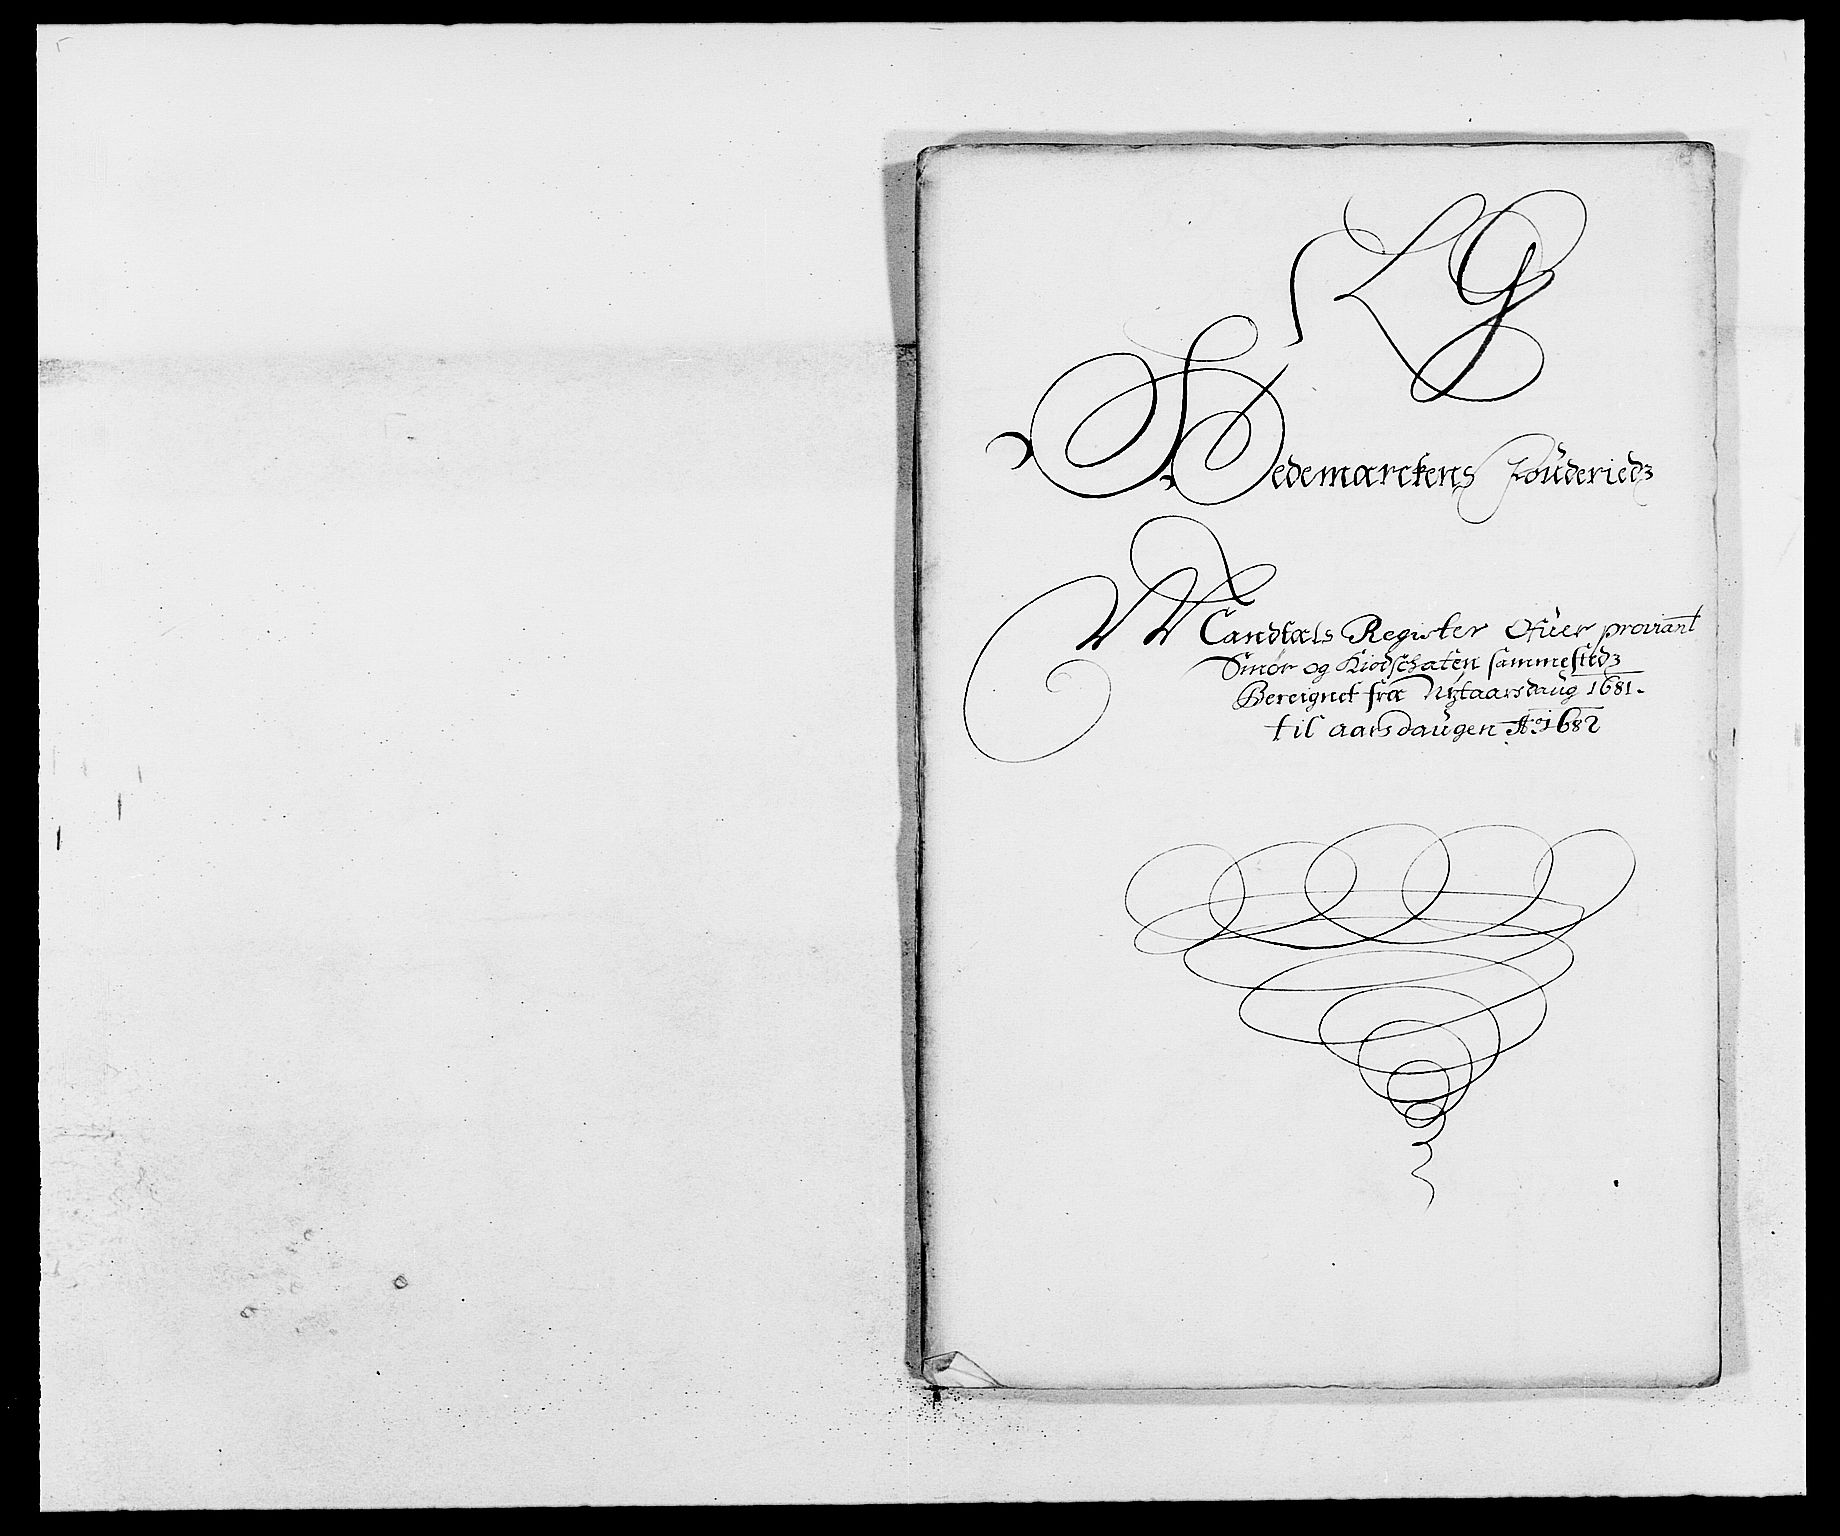 RA, Rentekammeret inntil 1814, Reviderte regnskaper, Fogderegnskap, R16/L1021: Fogderegnskap Hedmark, 1681, s. 247